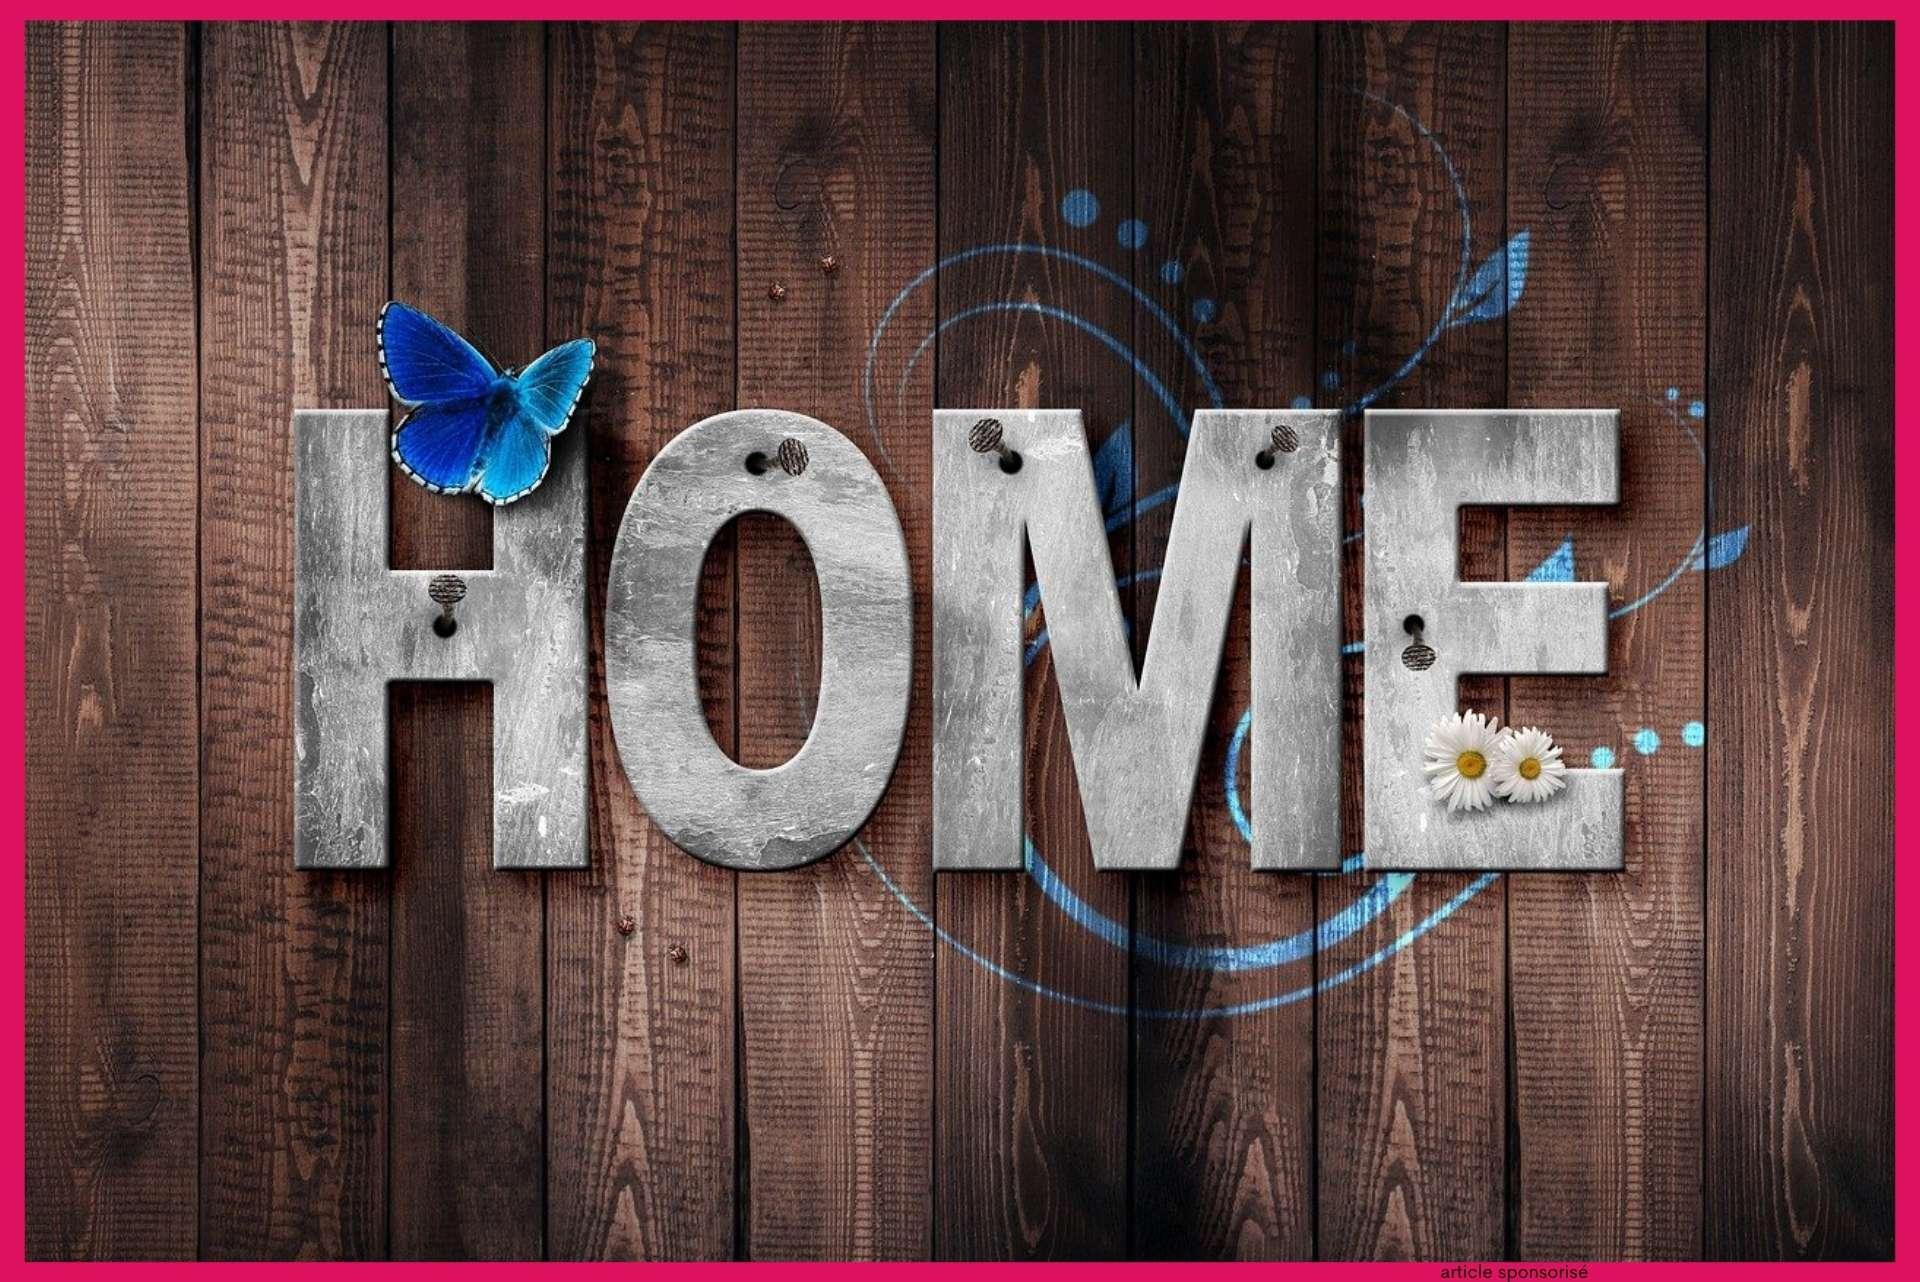 Réaliser enfin le rêve de posséder sa propre maison